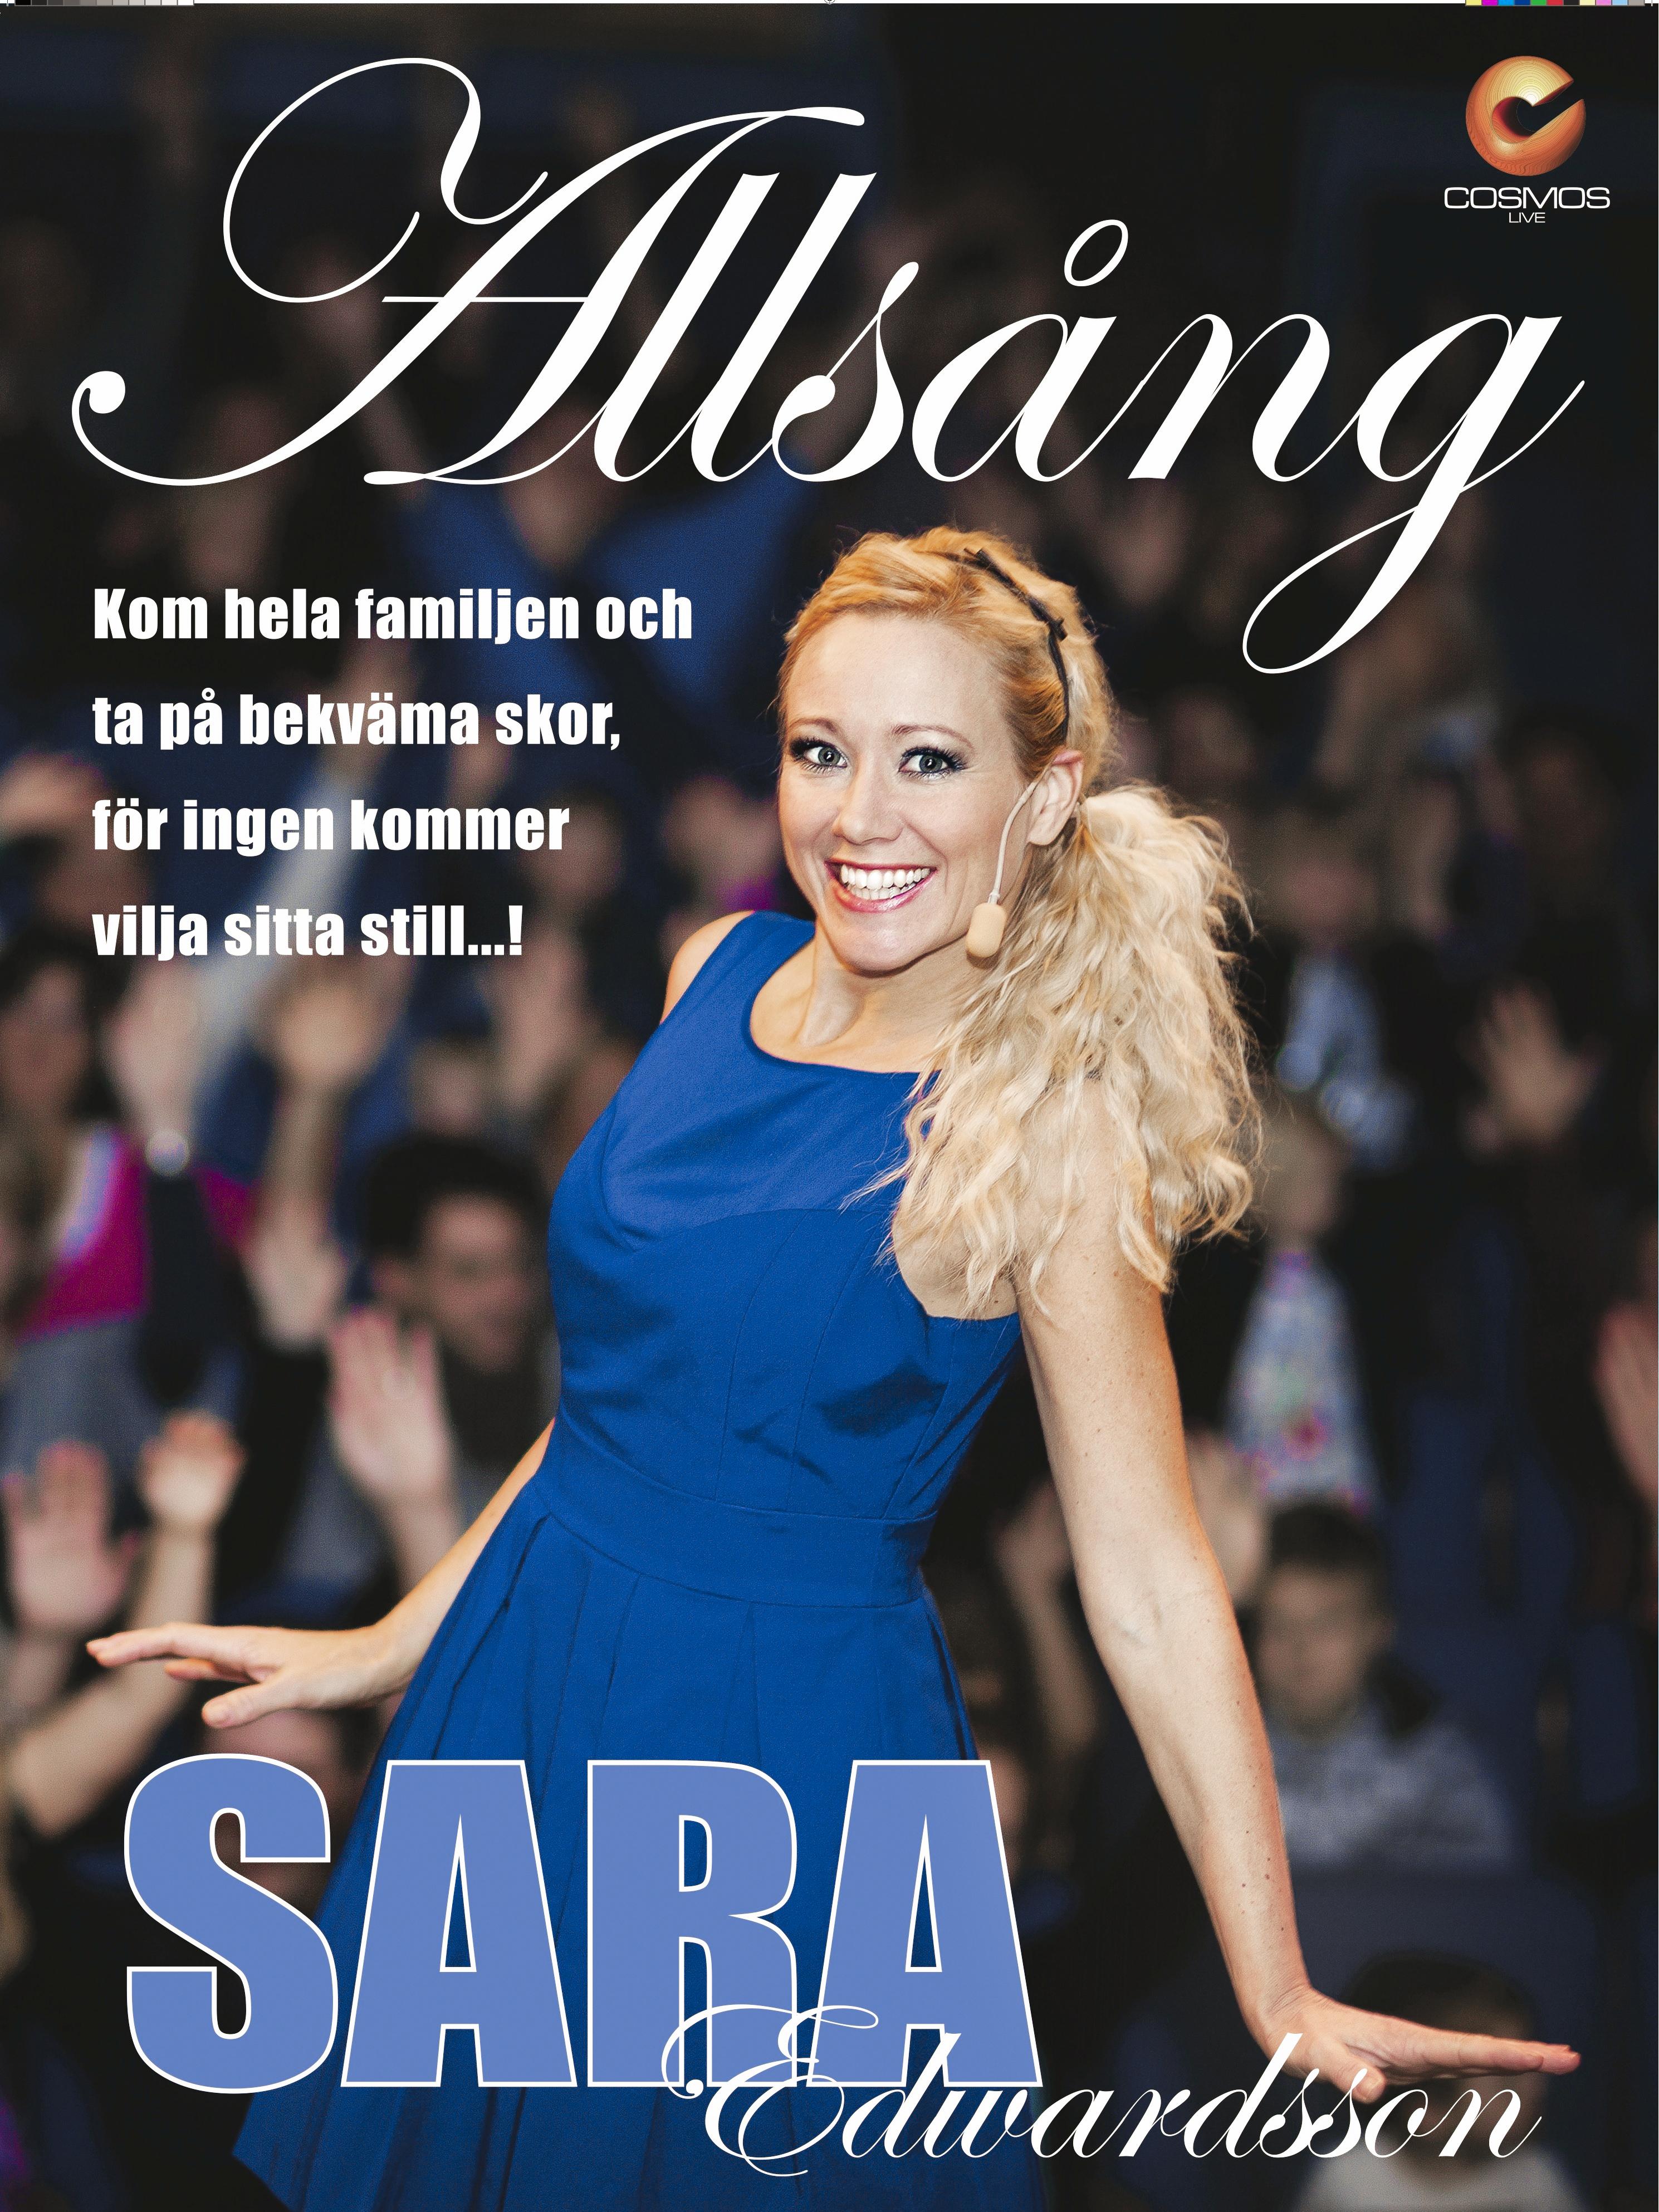 SARAFB.SARA.EDWARDSSON.jpg